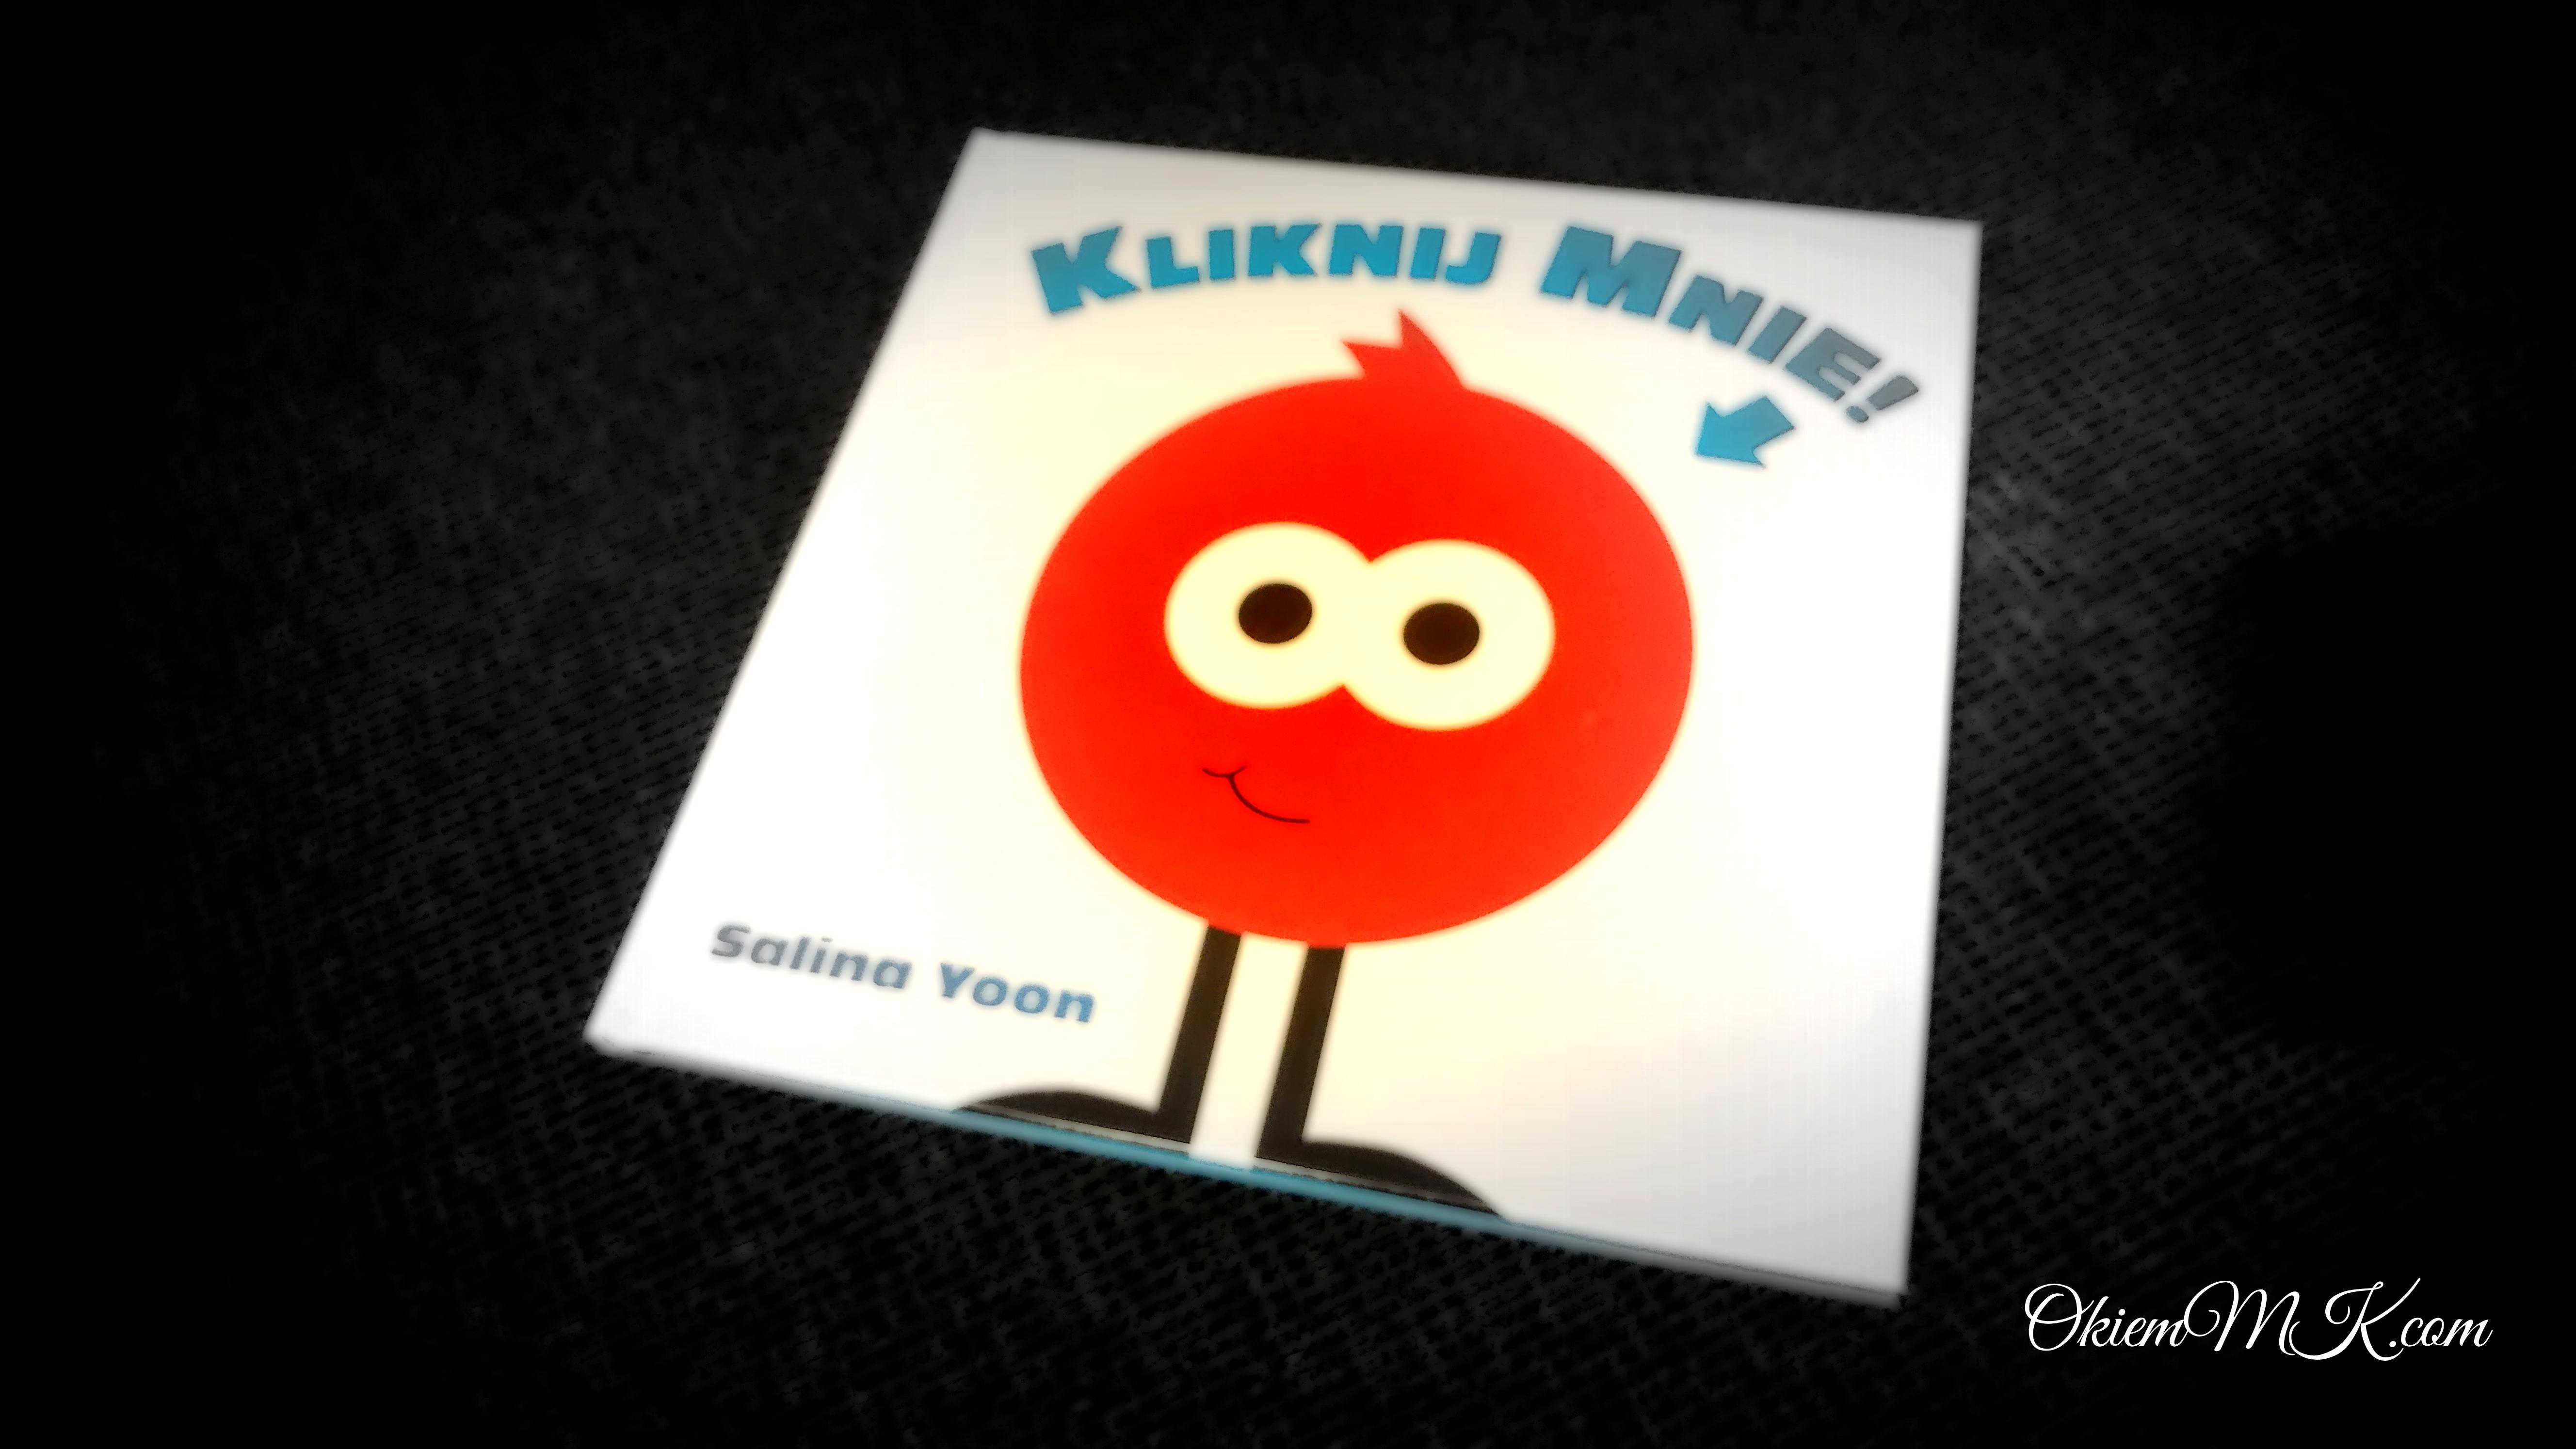 krotko-o-kliknij-mnie-salina-yoon-interaktywna-ksiazka-dla-dzieci